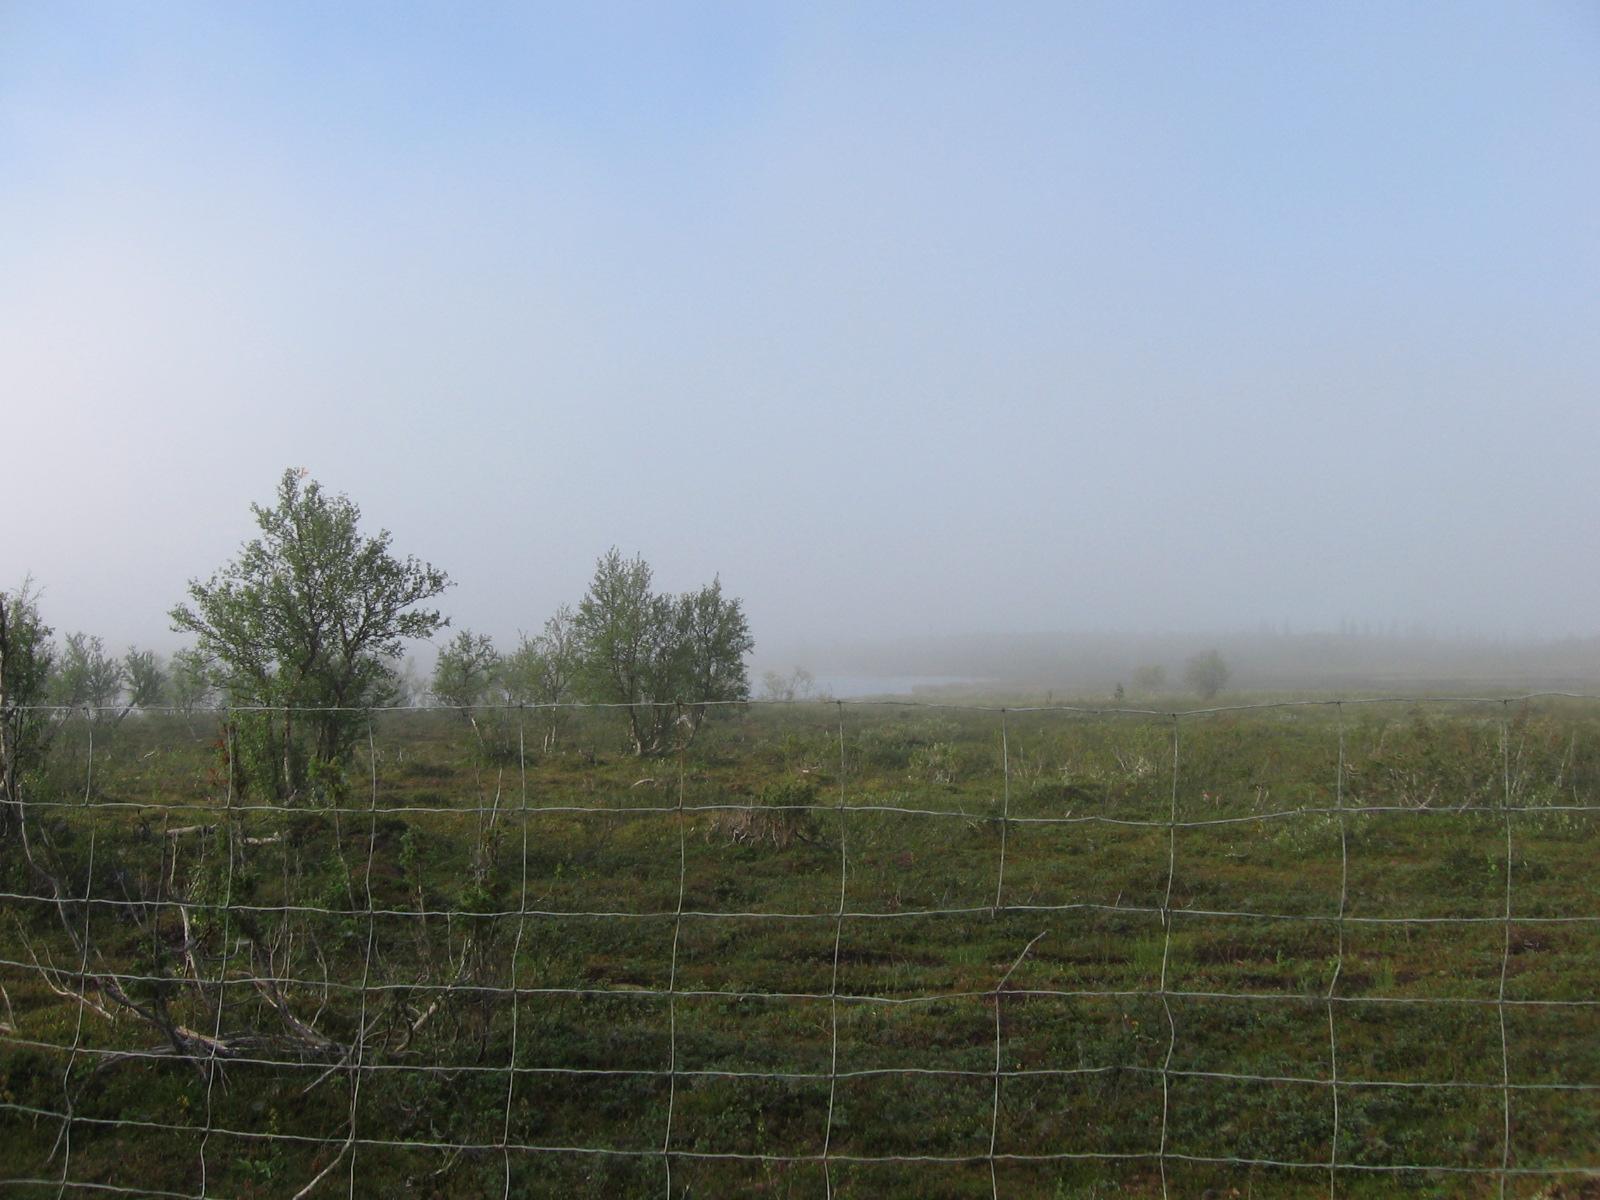 Poroaita Alimmaisen Taimenjärven ja Angalajärven välillä 8.8.2010